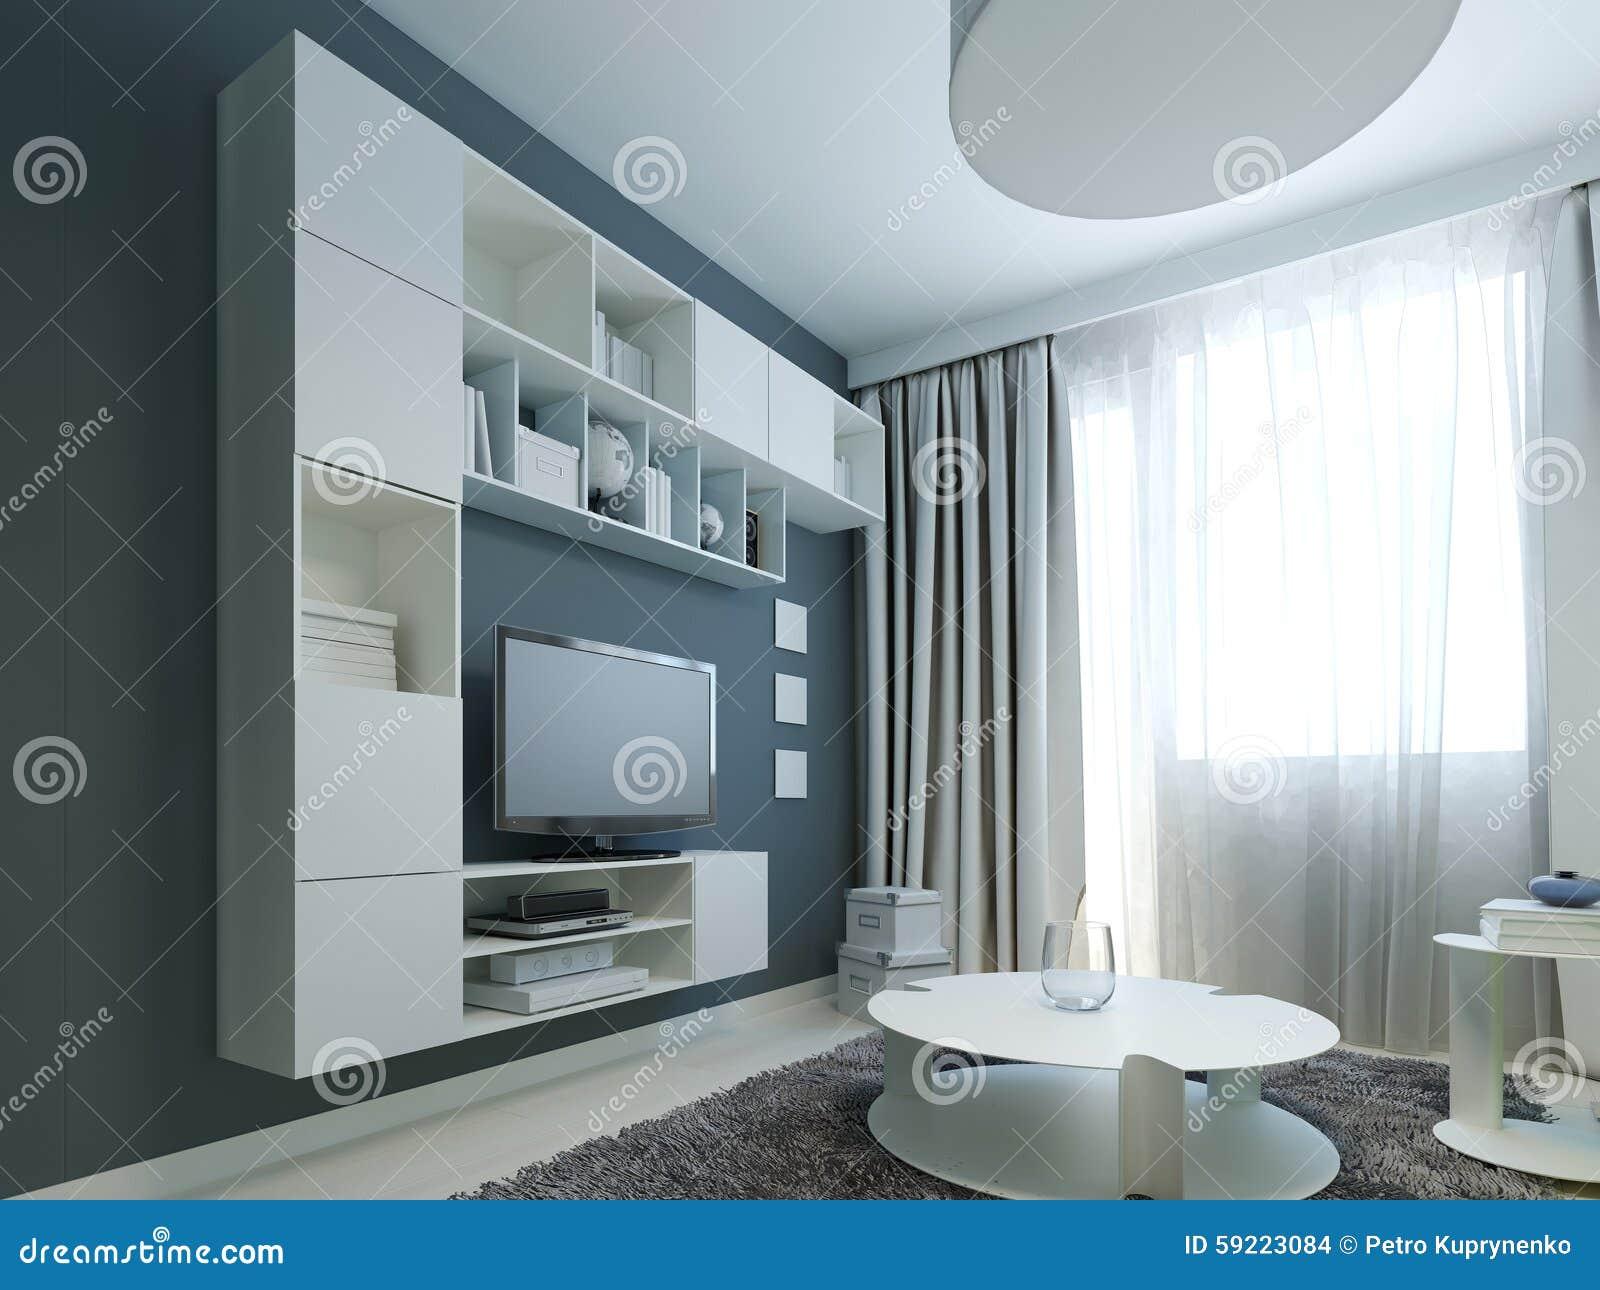 diseo brillante de saln moderno con los muebles blancos